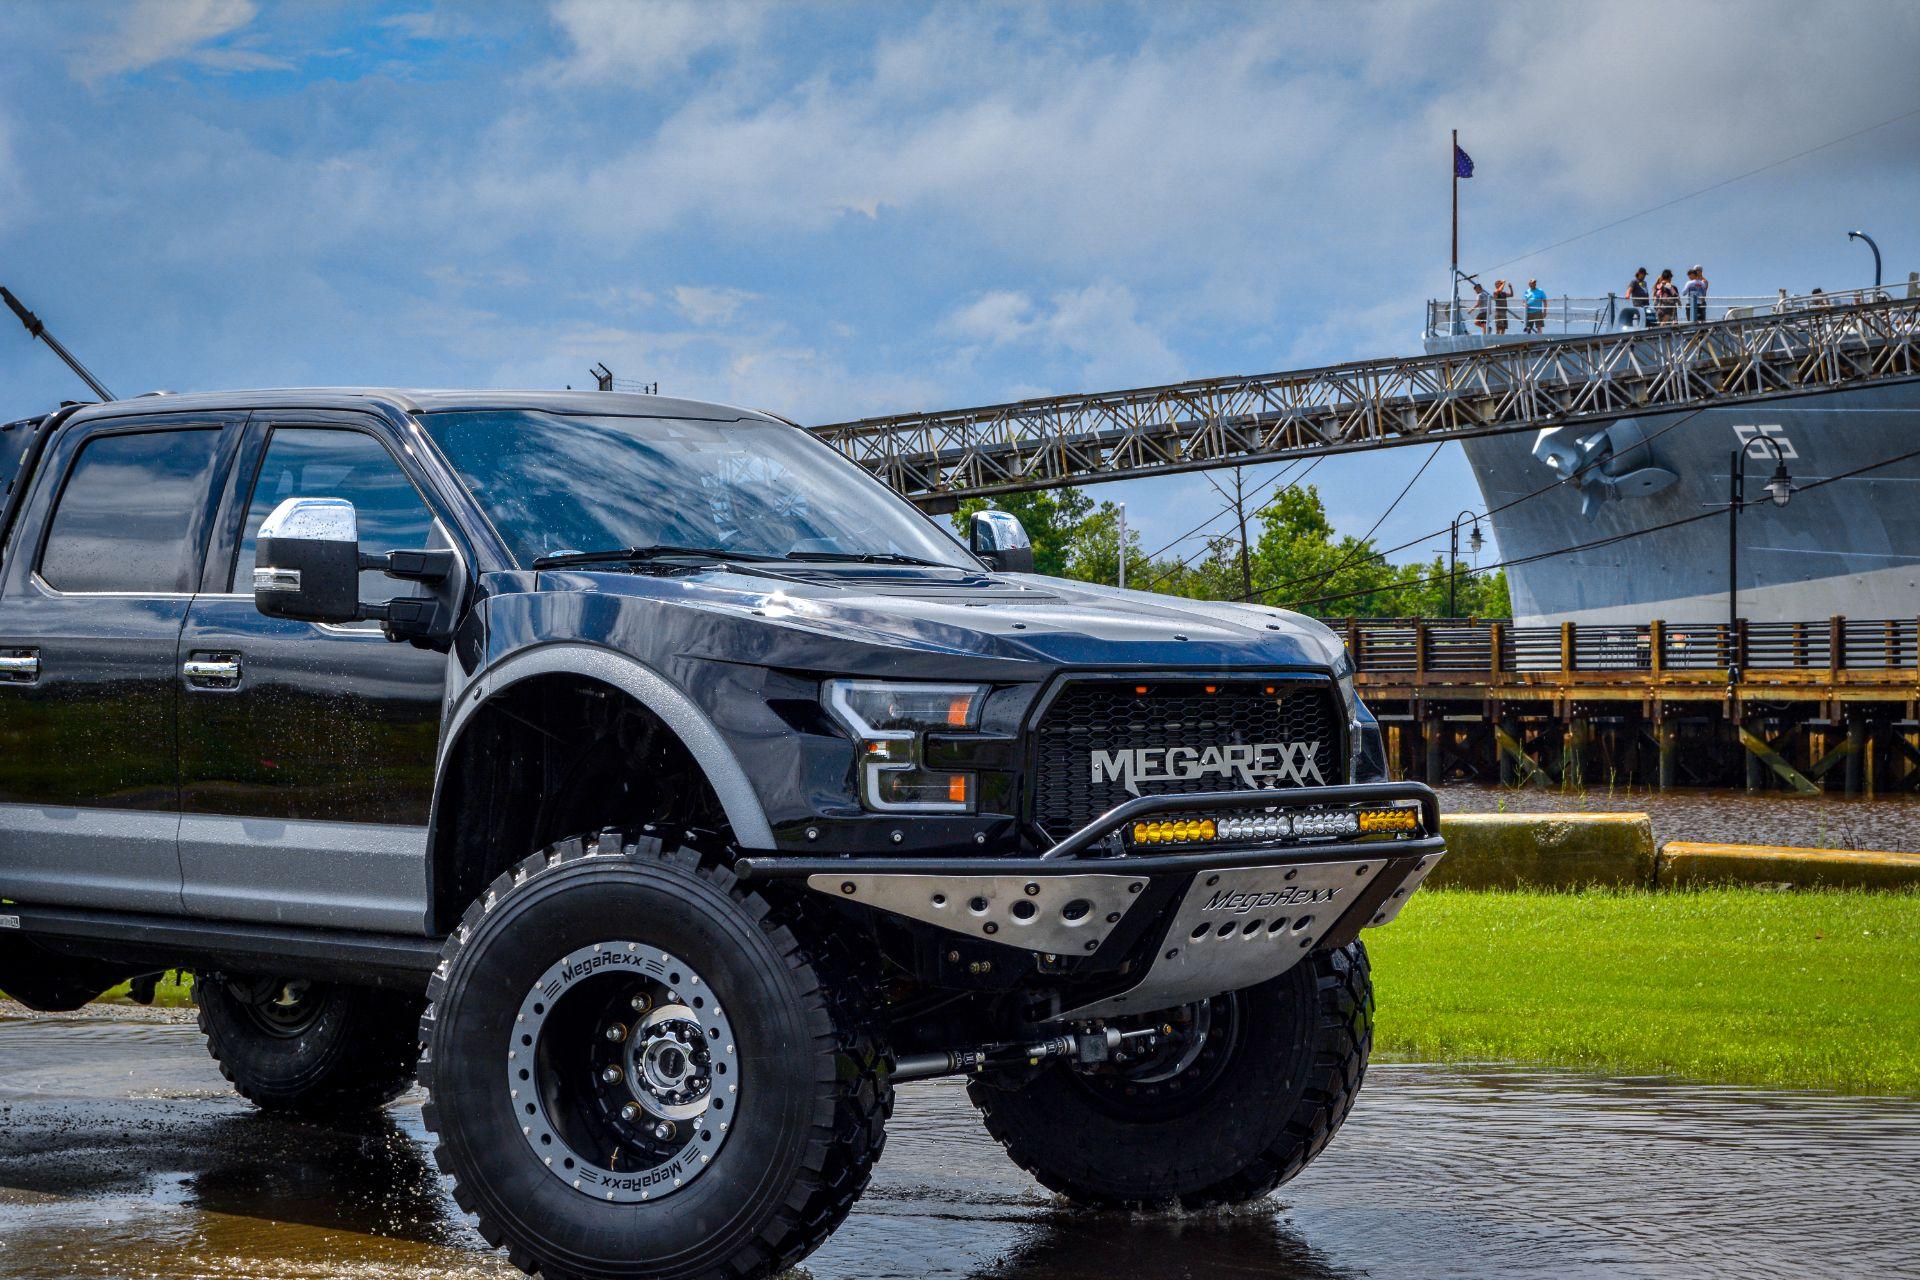 MegaRaptor-by-Megarexx-Trucks-2